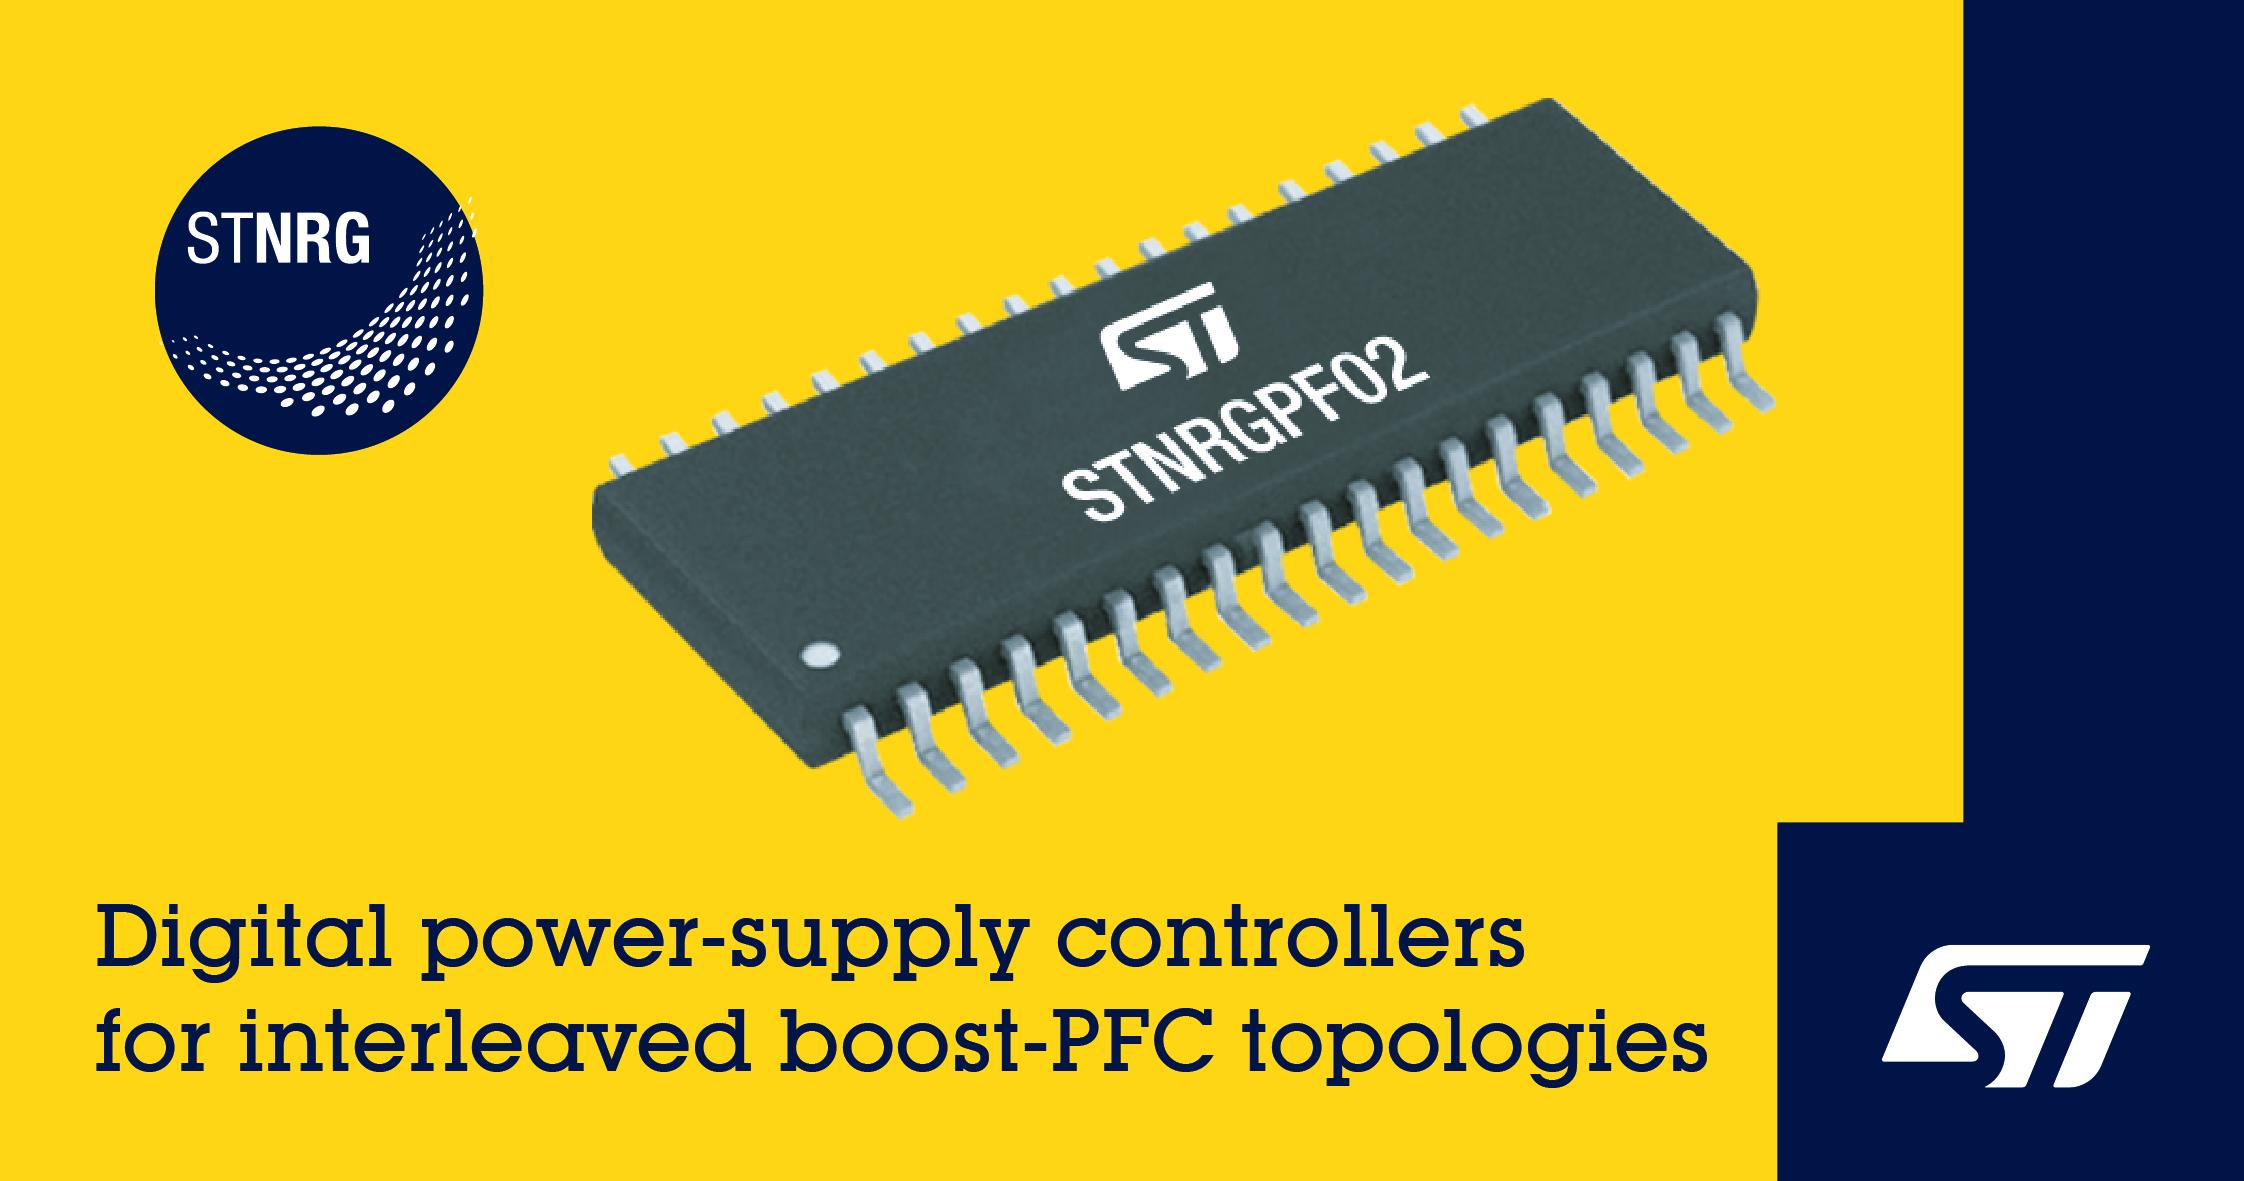 意法半导体推出新的数字电源控制器,为600W-6kW应用带来新选择